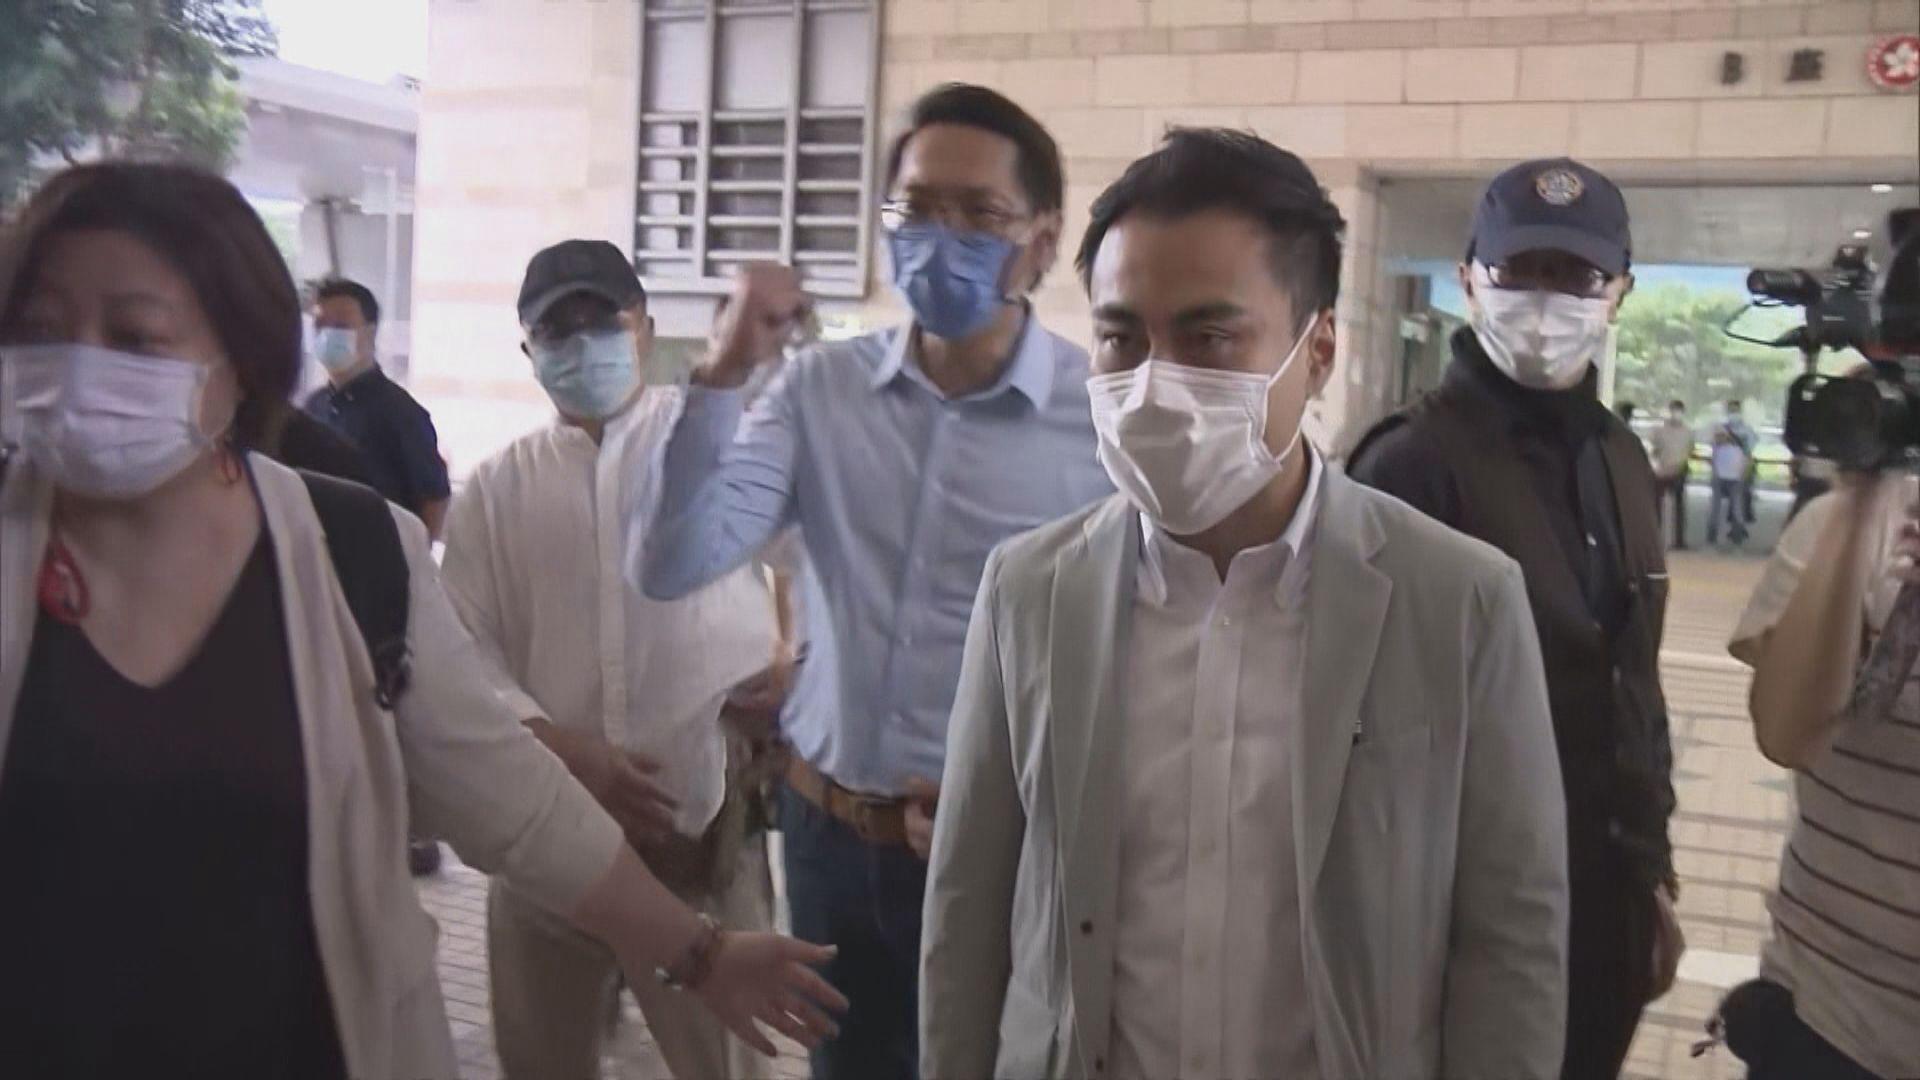 陳志全私人檢控郭偉强普通襲擊 裁判官拒律政司提押後審理